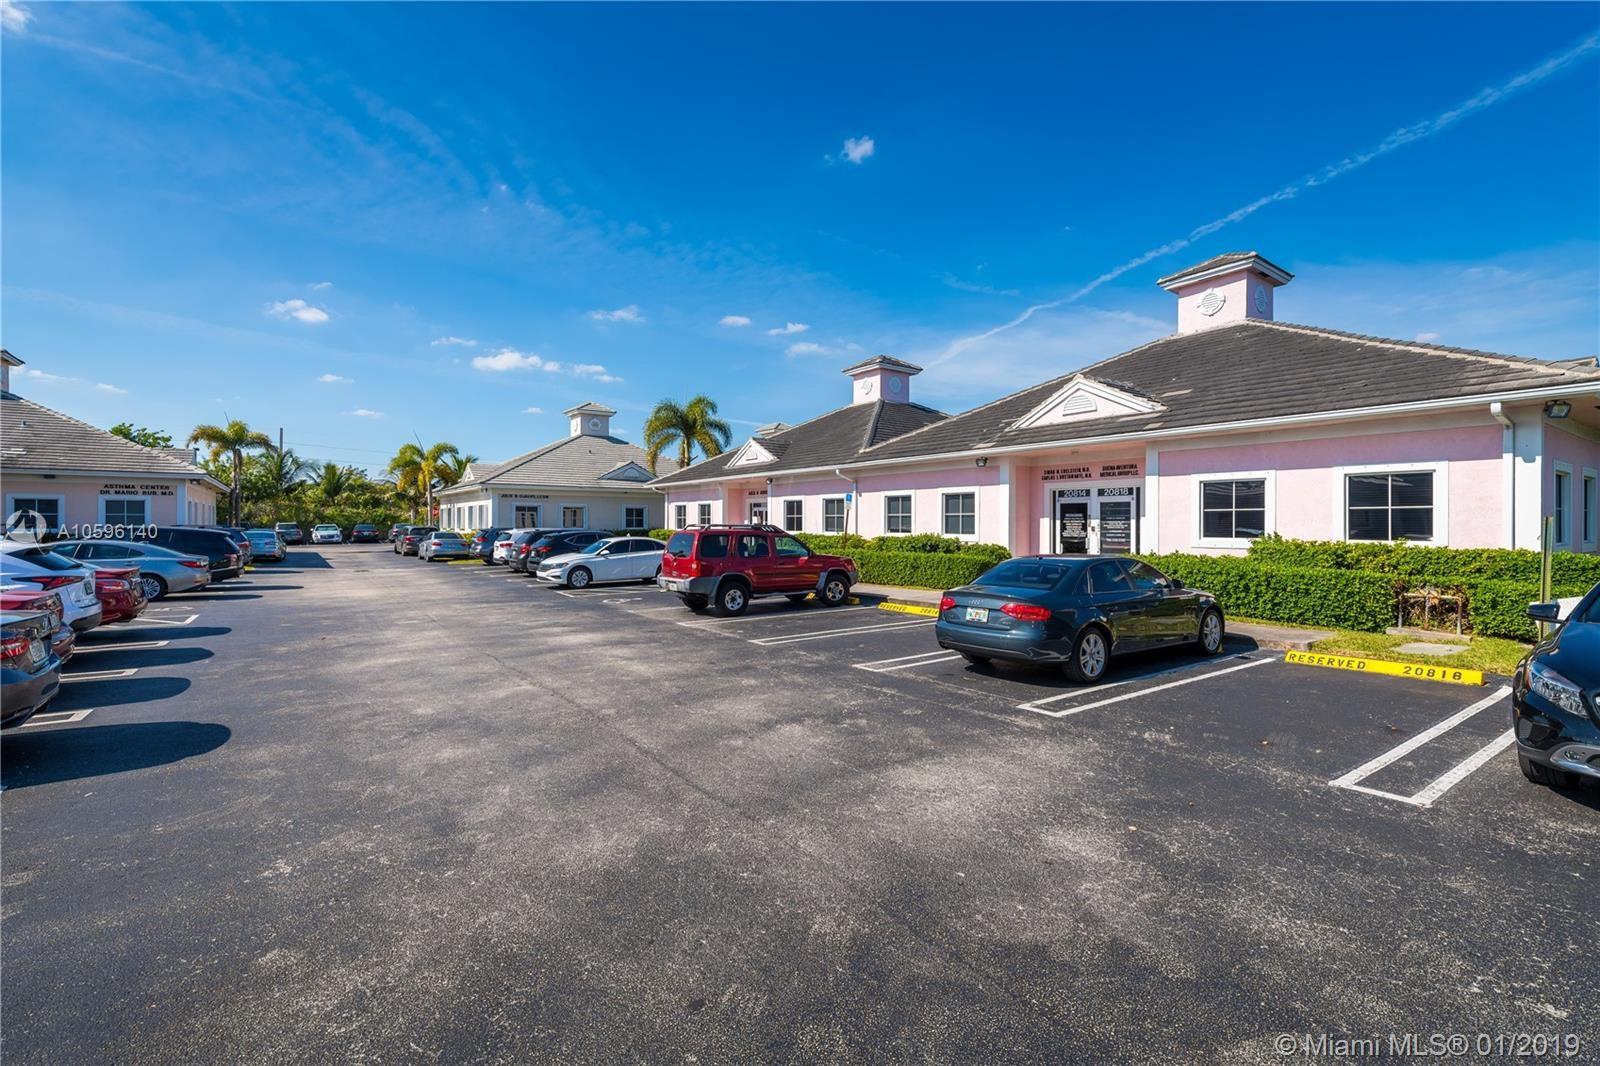 20818 W Dixie Hwy Cg Hwy, Miami, FL 33180